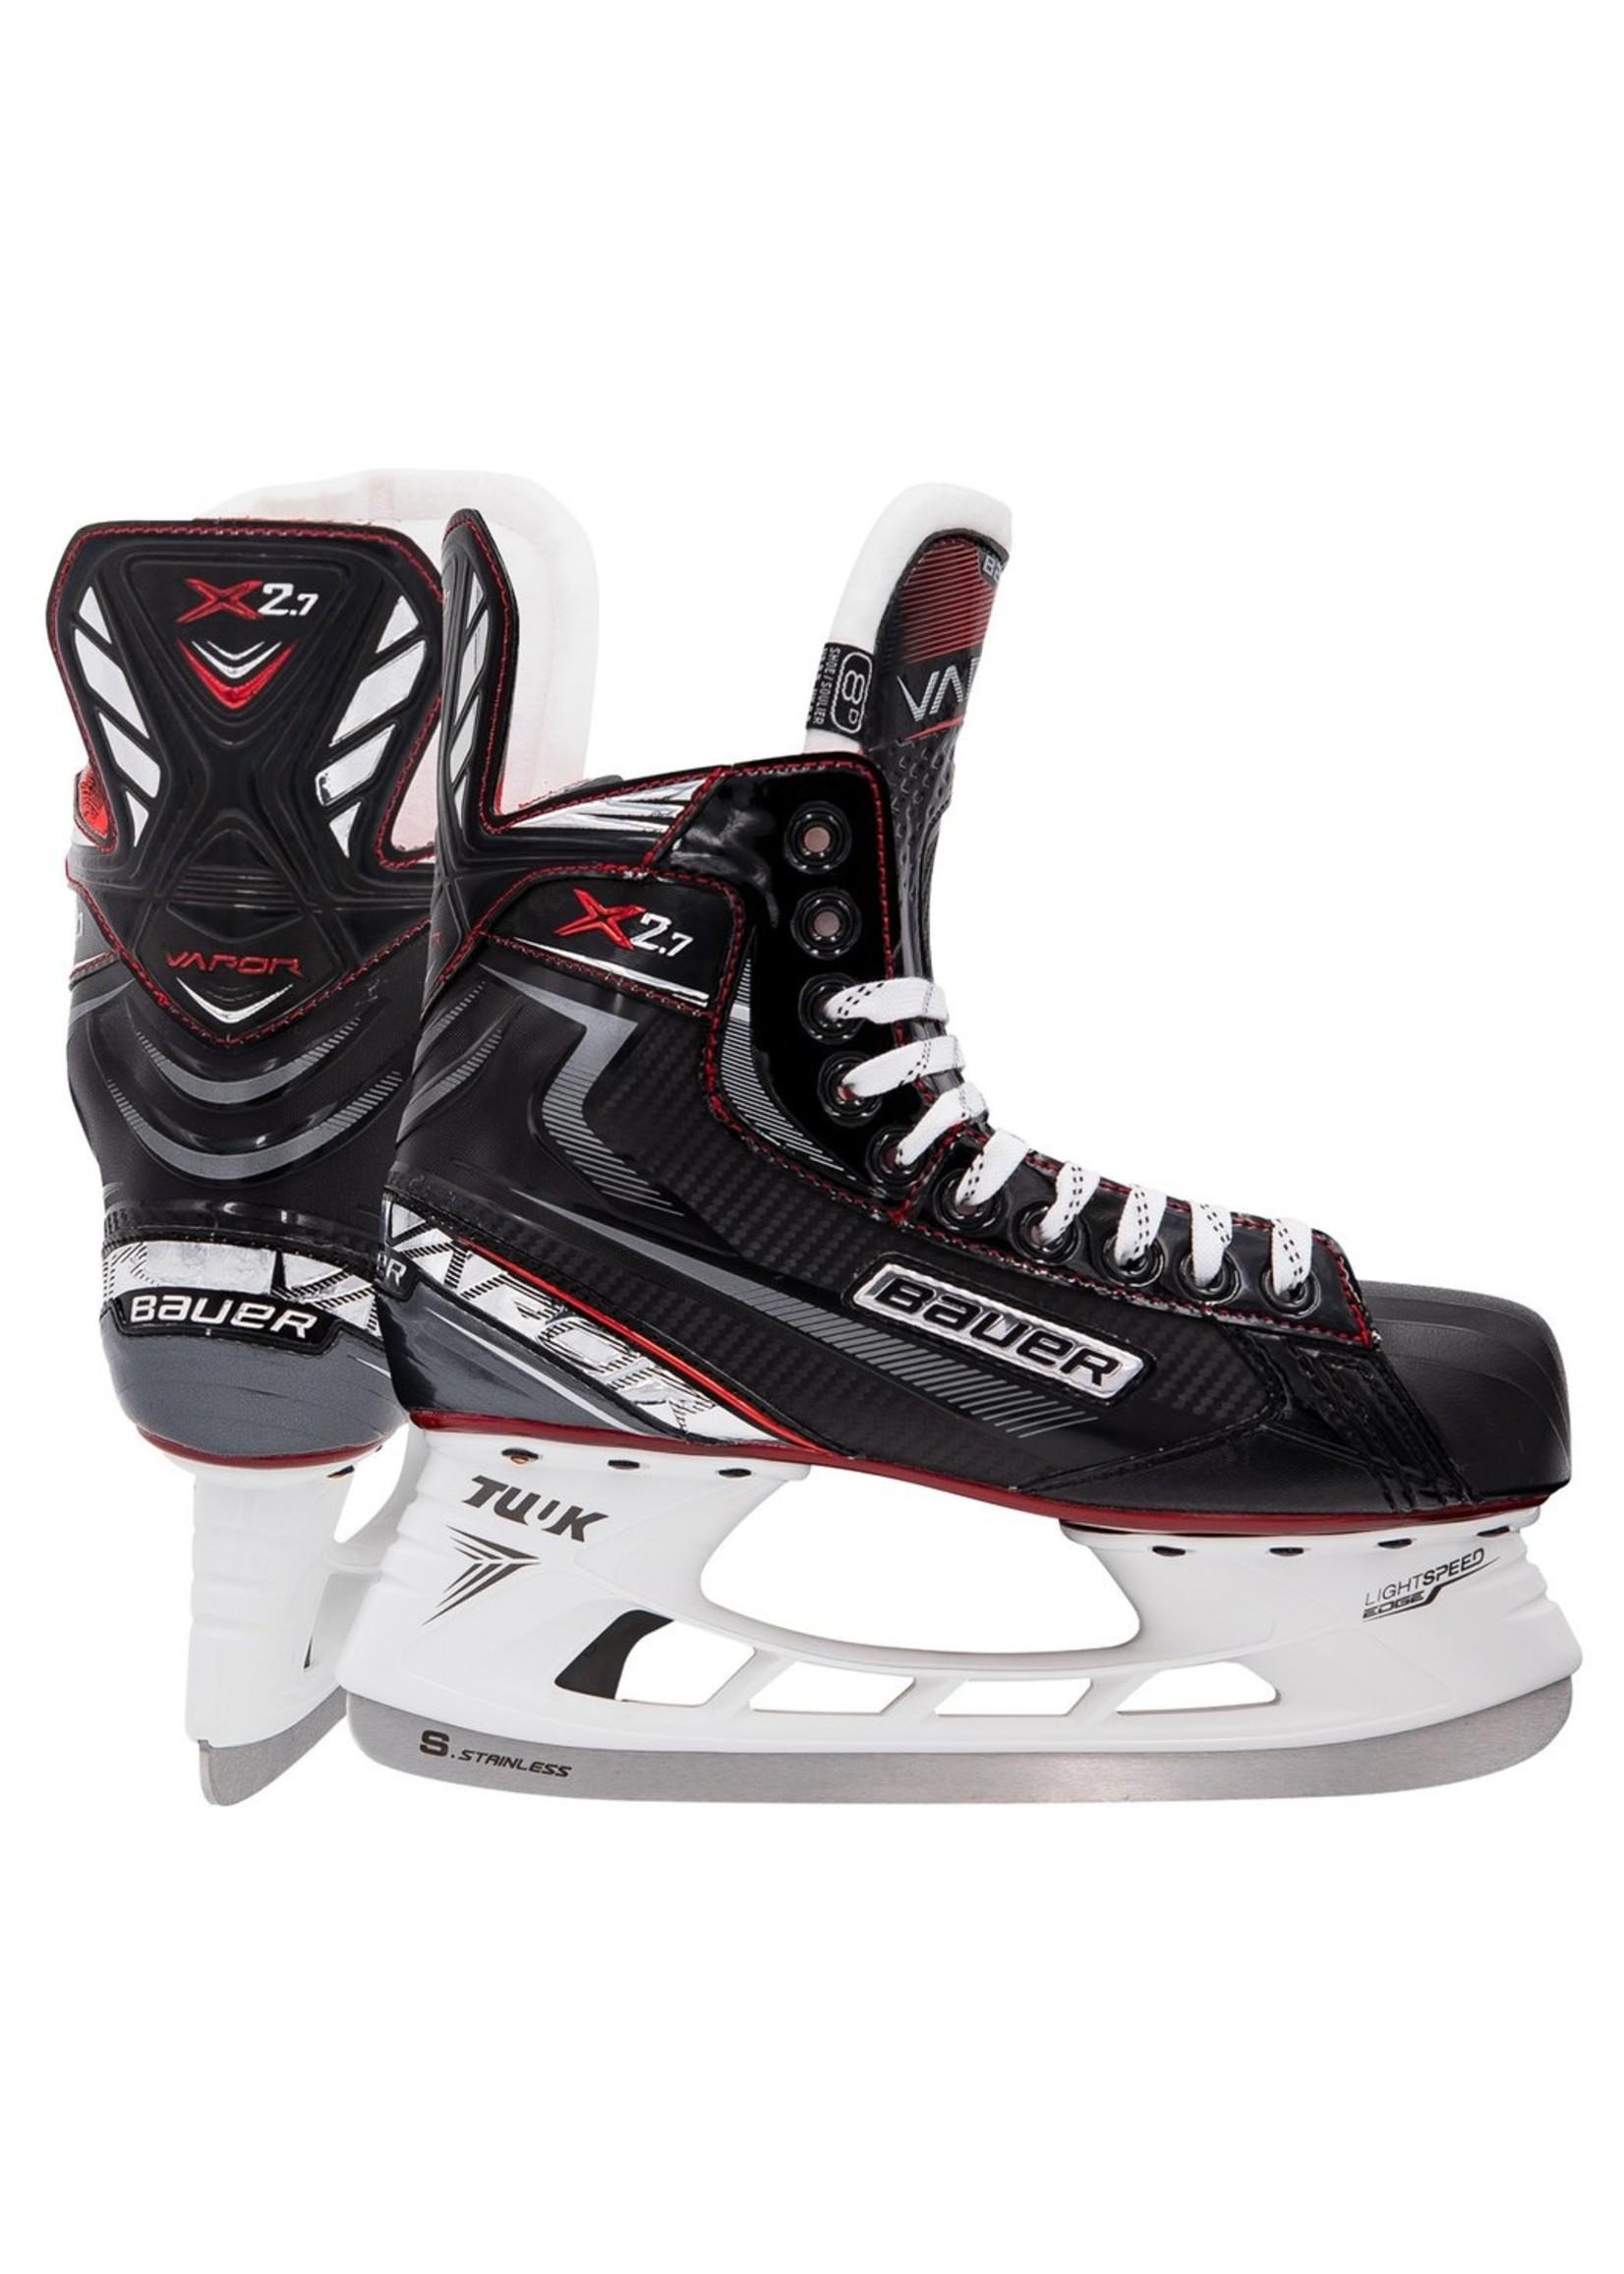 Bauer Hockey BAUER BTH19 VAPOR X2.7 JR SKATES